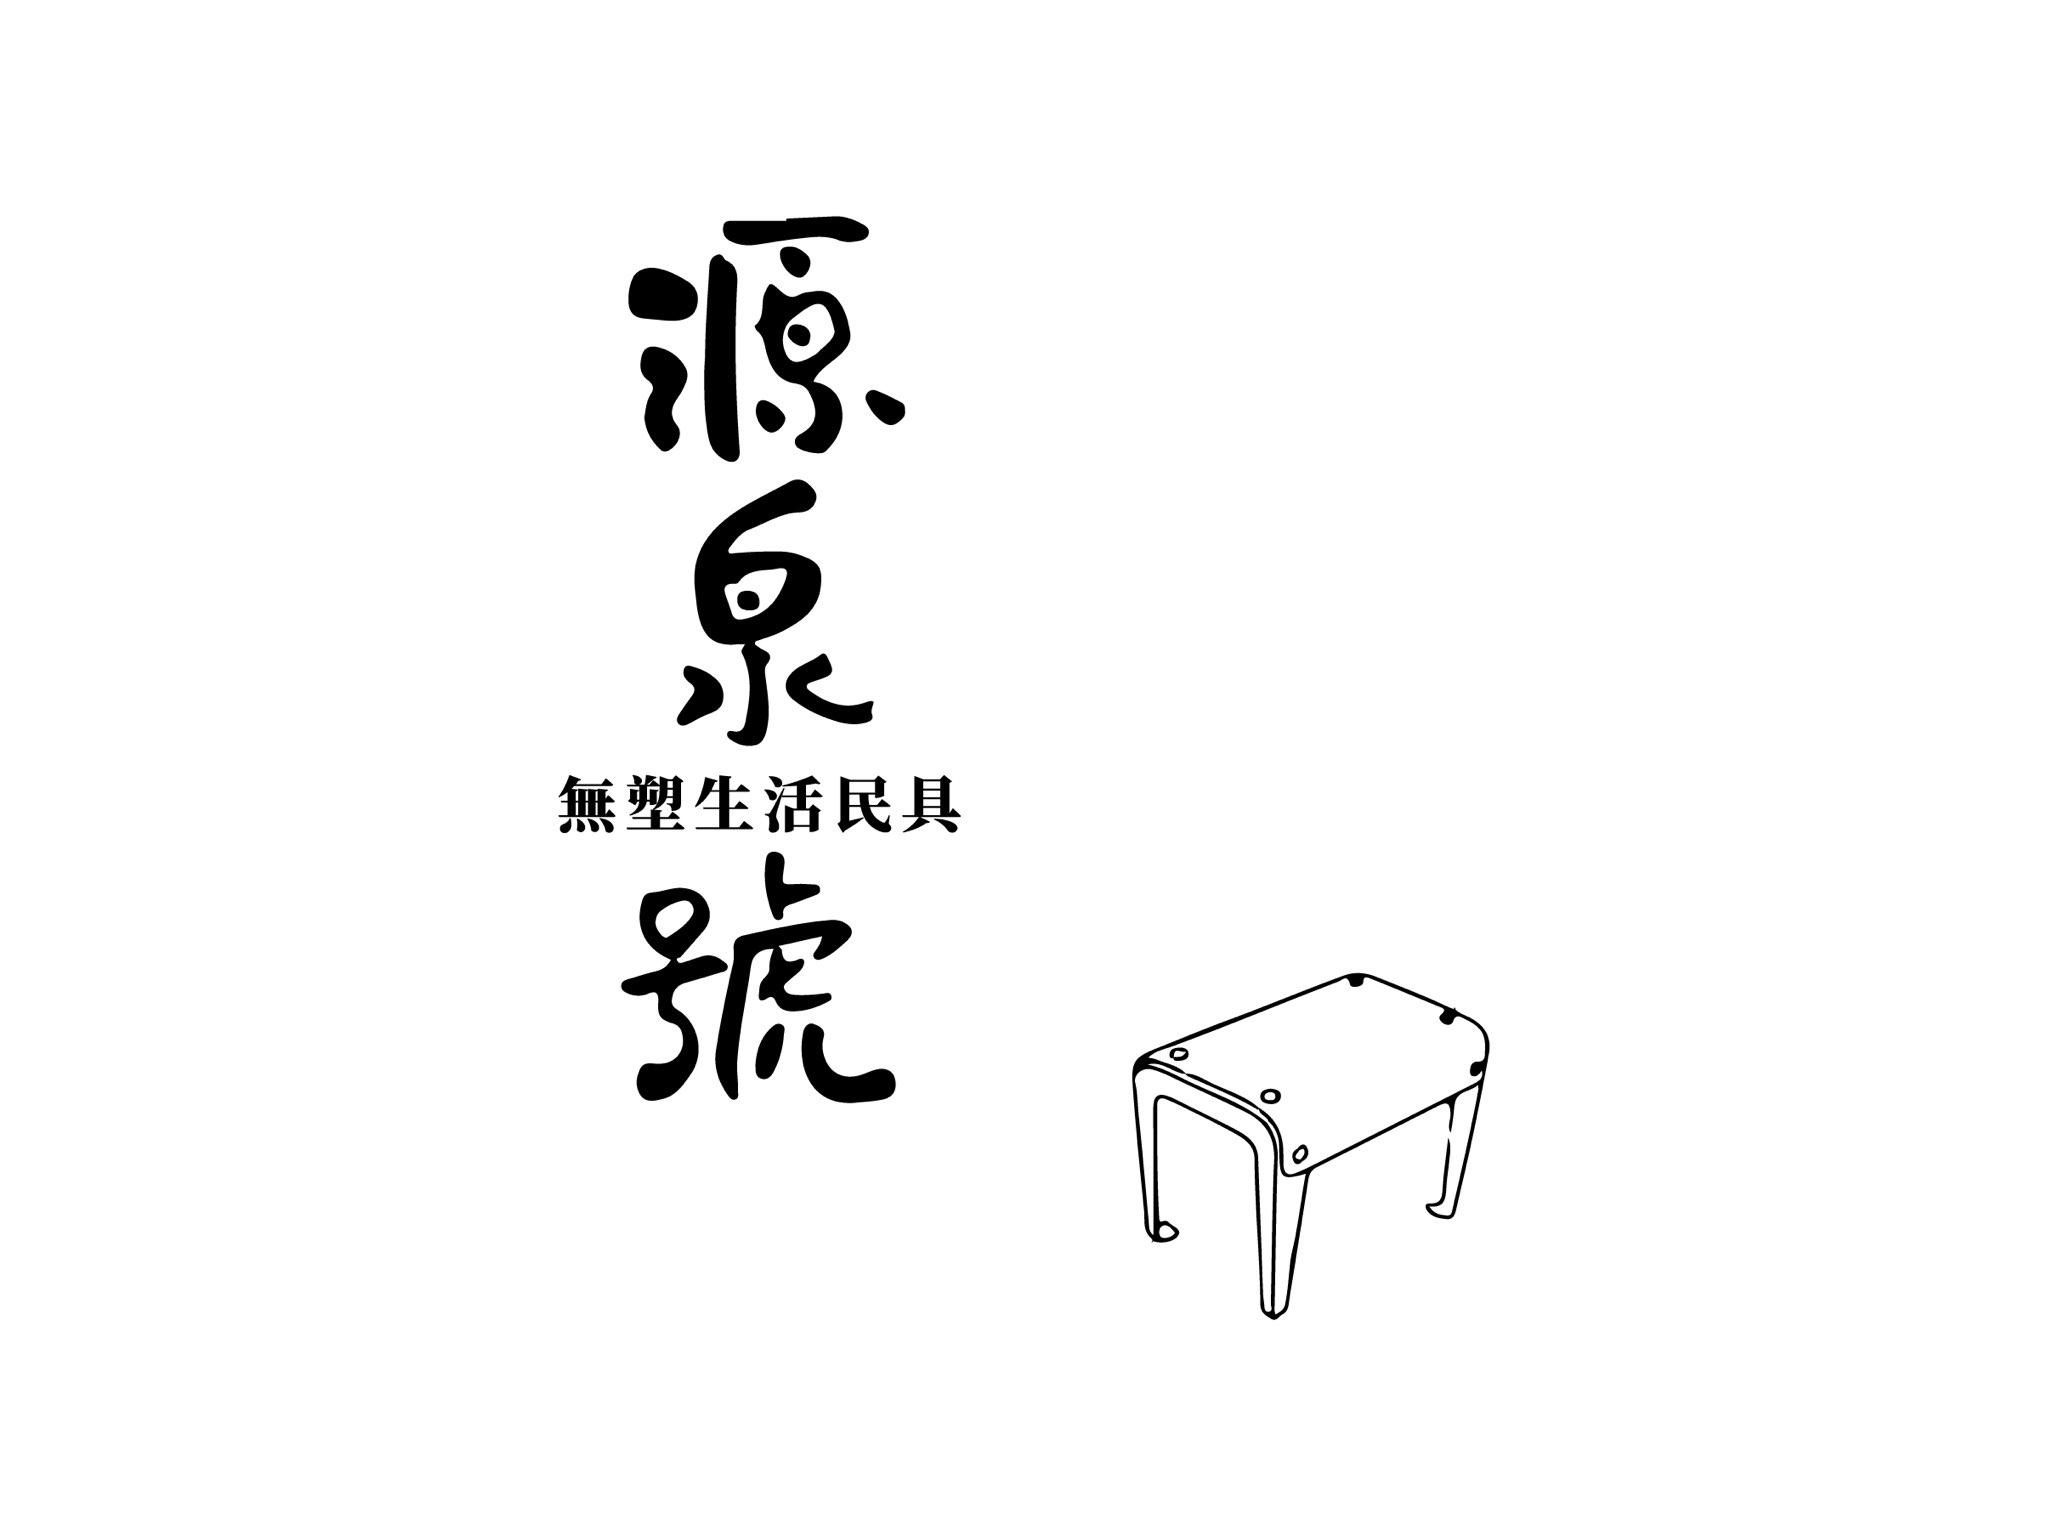 源泉號 無塑生活民具 Yuan Quan Grocery│鹿港│今秋友好聯盟